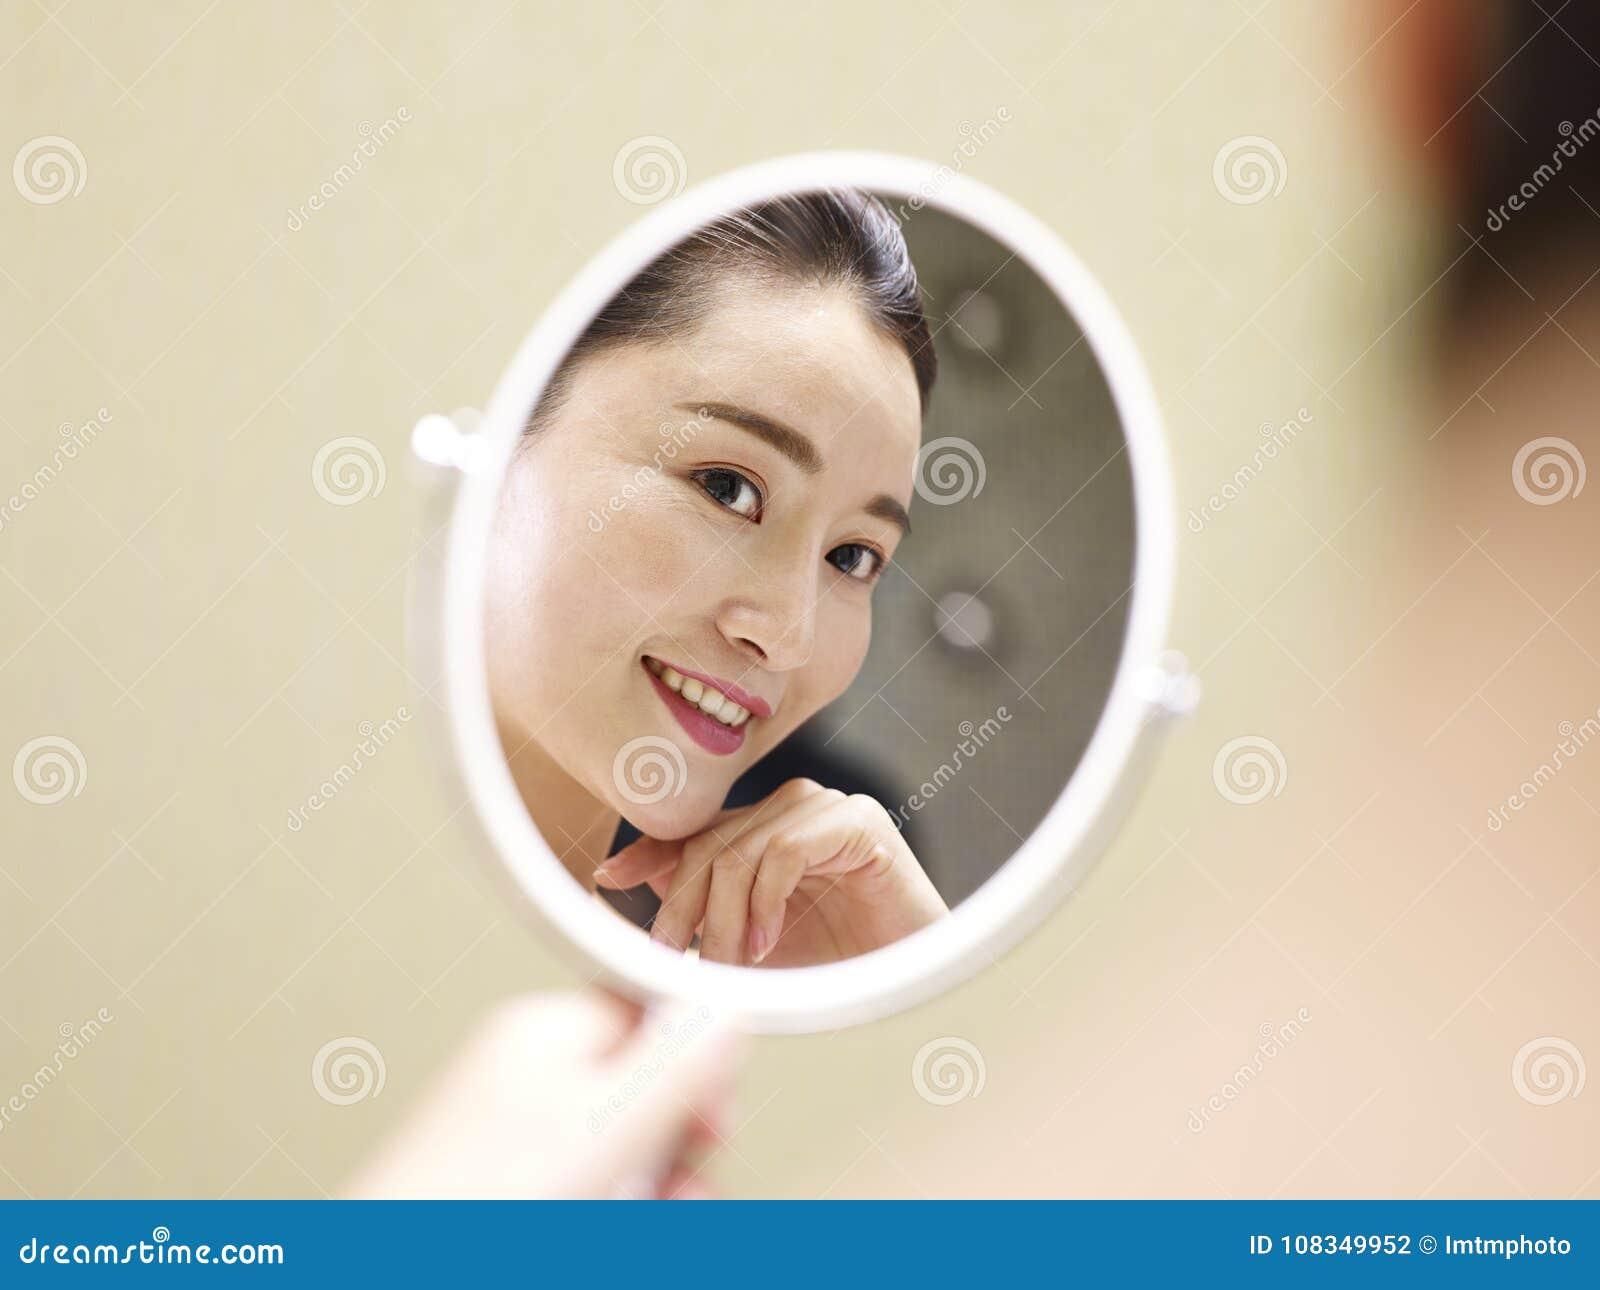 mirror Asian self